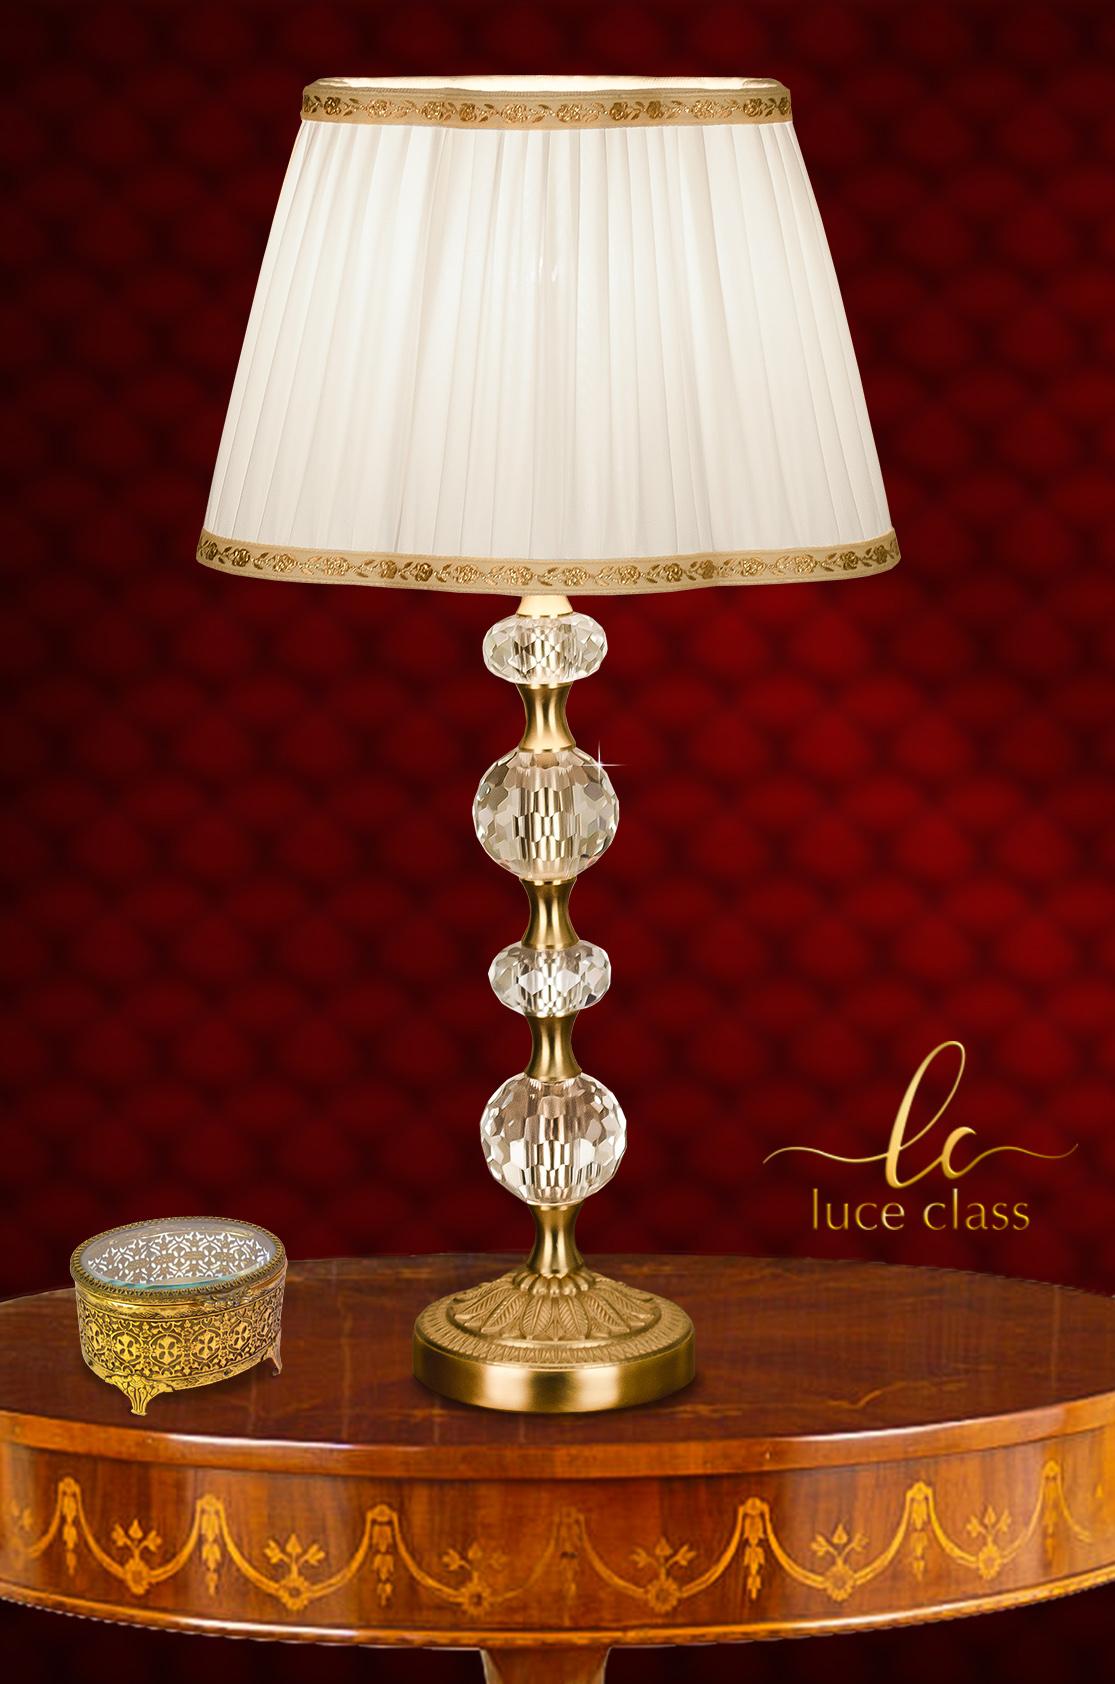 Acquisto online di lampade da comodino e da tavolo classiche